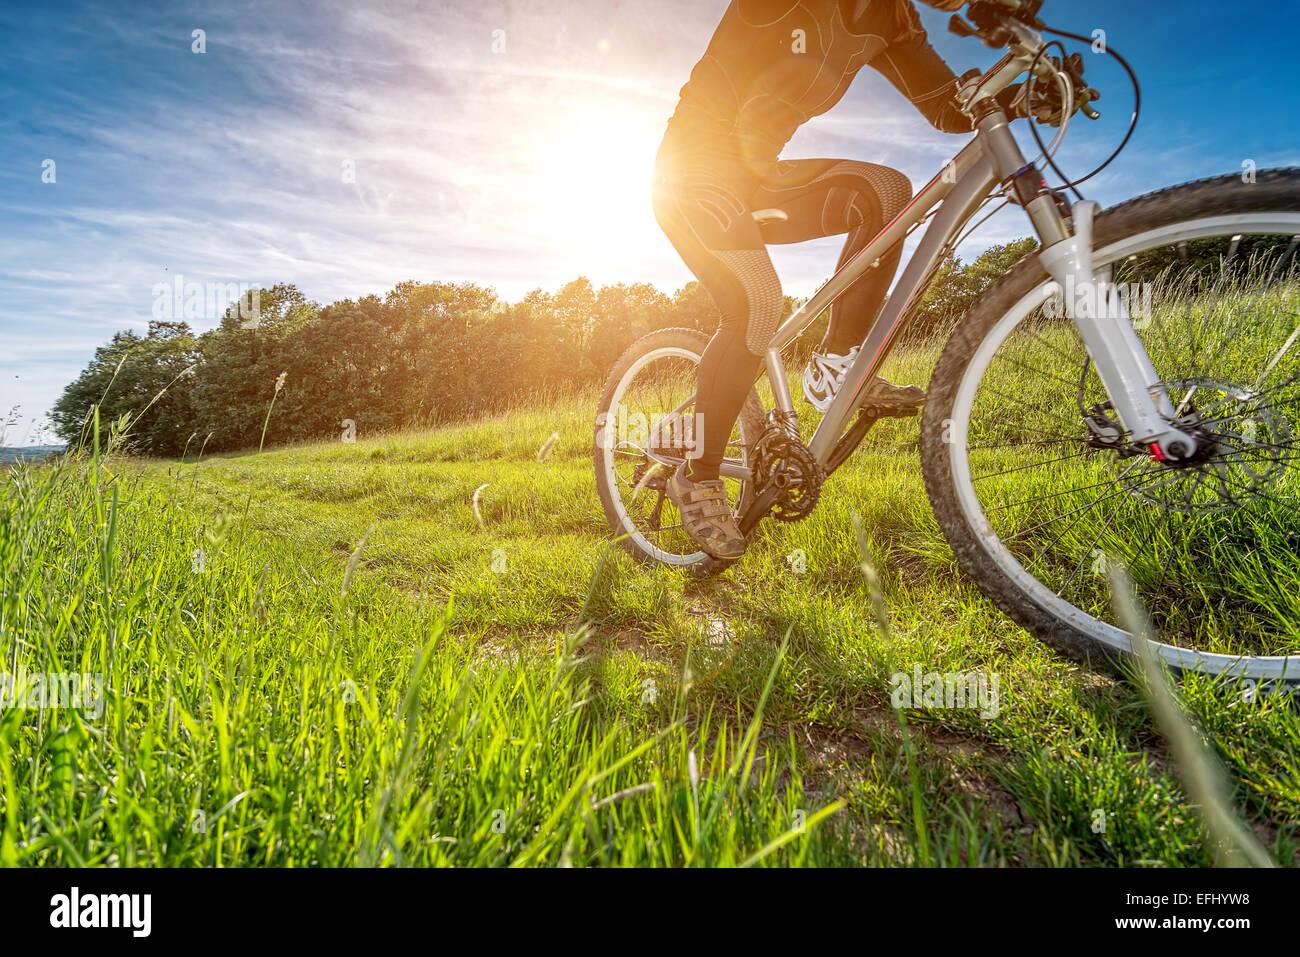 Moto deportiva, ciclismo en la pradera hermosa, detalle fotográfico, Imagen De Stock